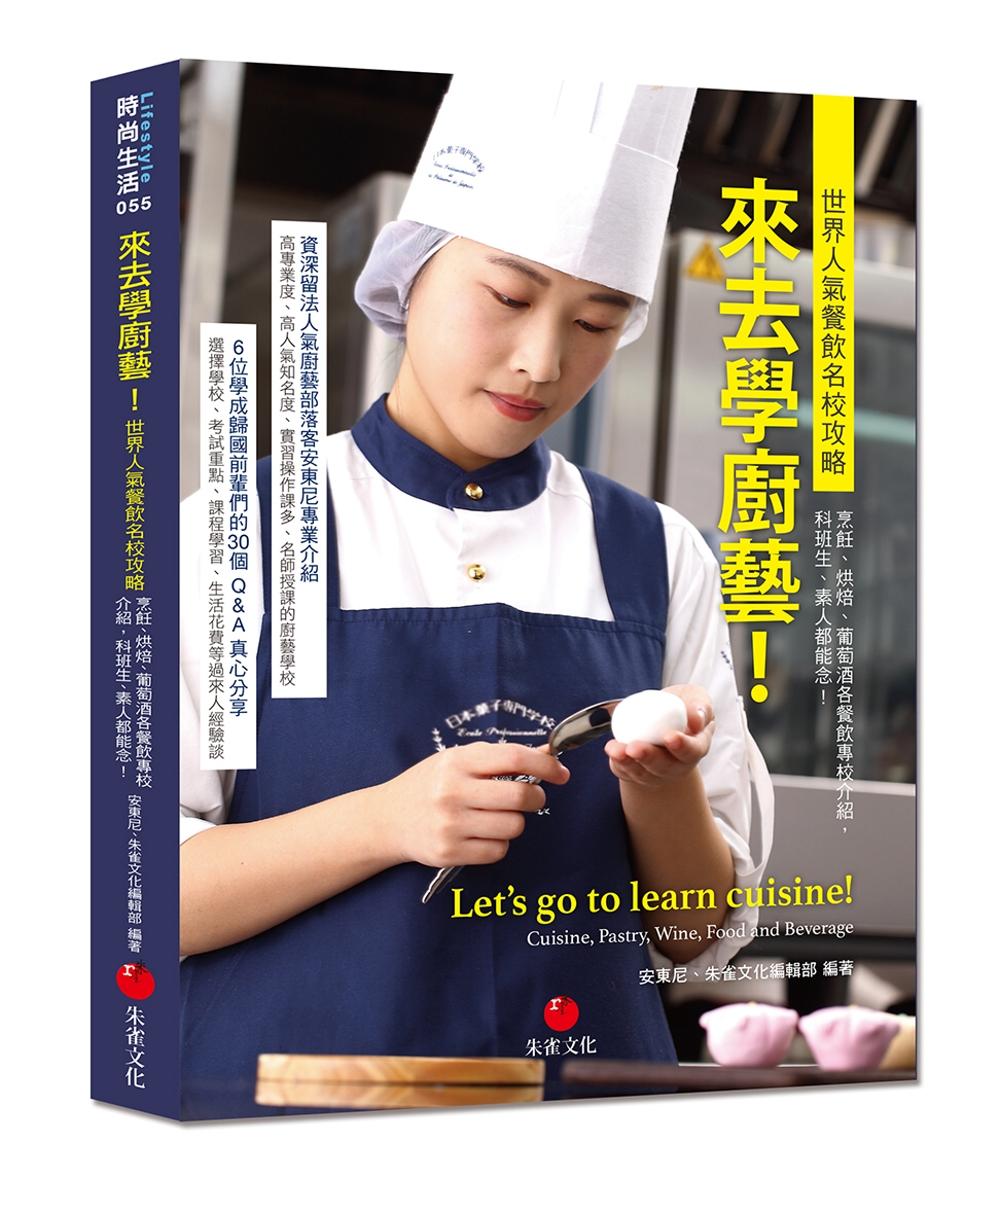 來去學廚藝!世界人氣餐飲名校攻...